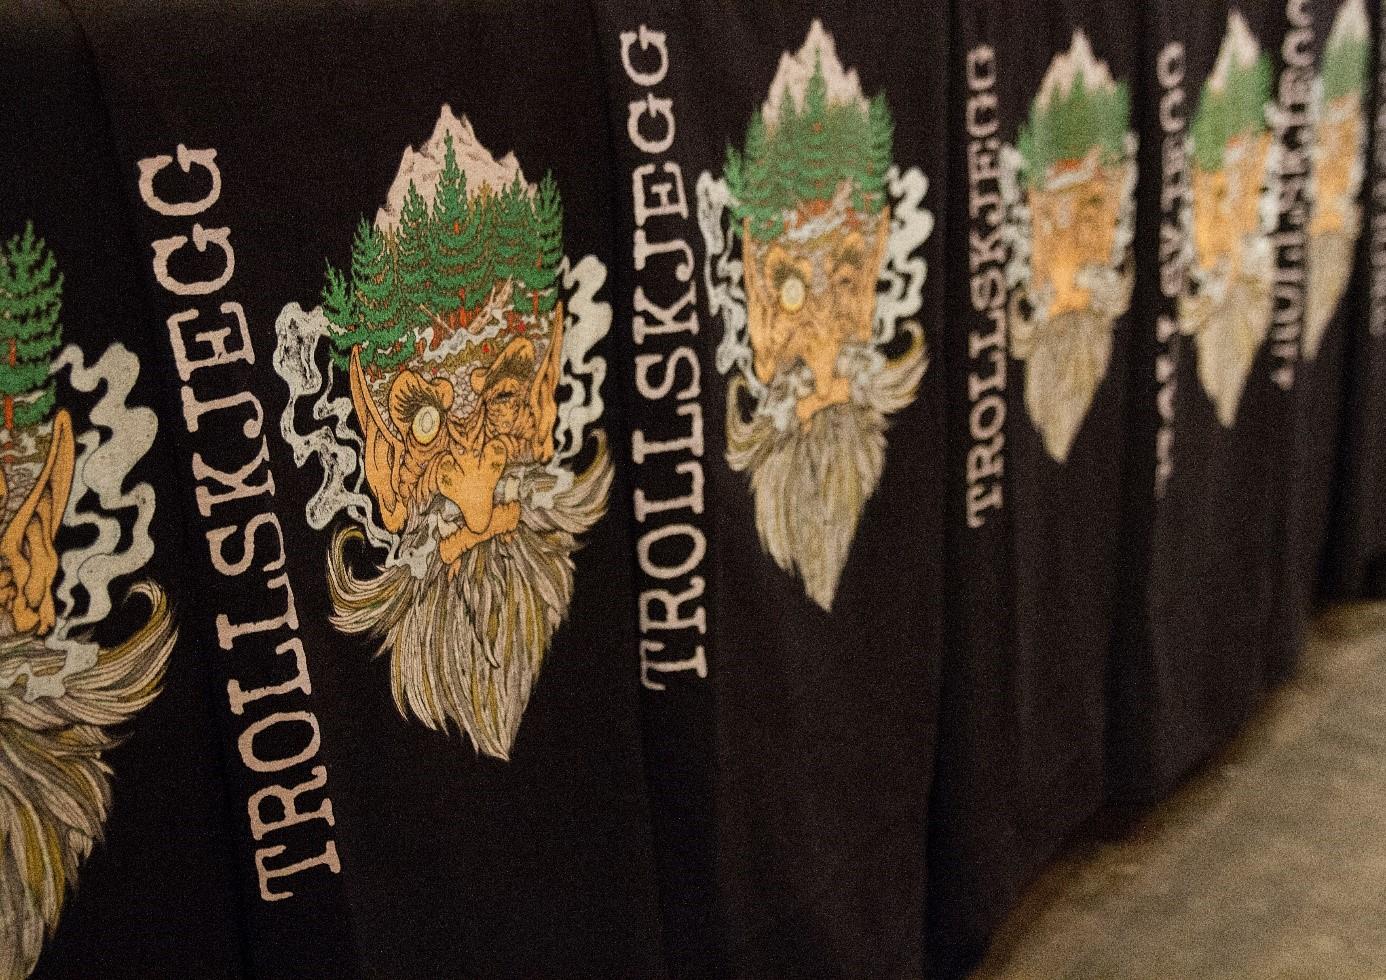 Bilde av t-skjorter med Trollskjegg-trykk på.